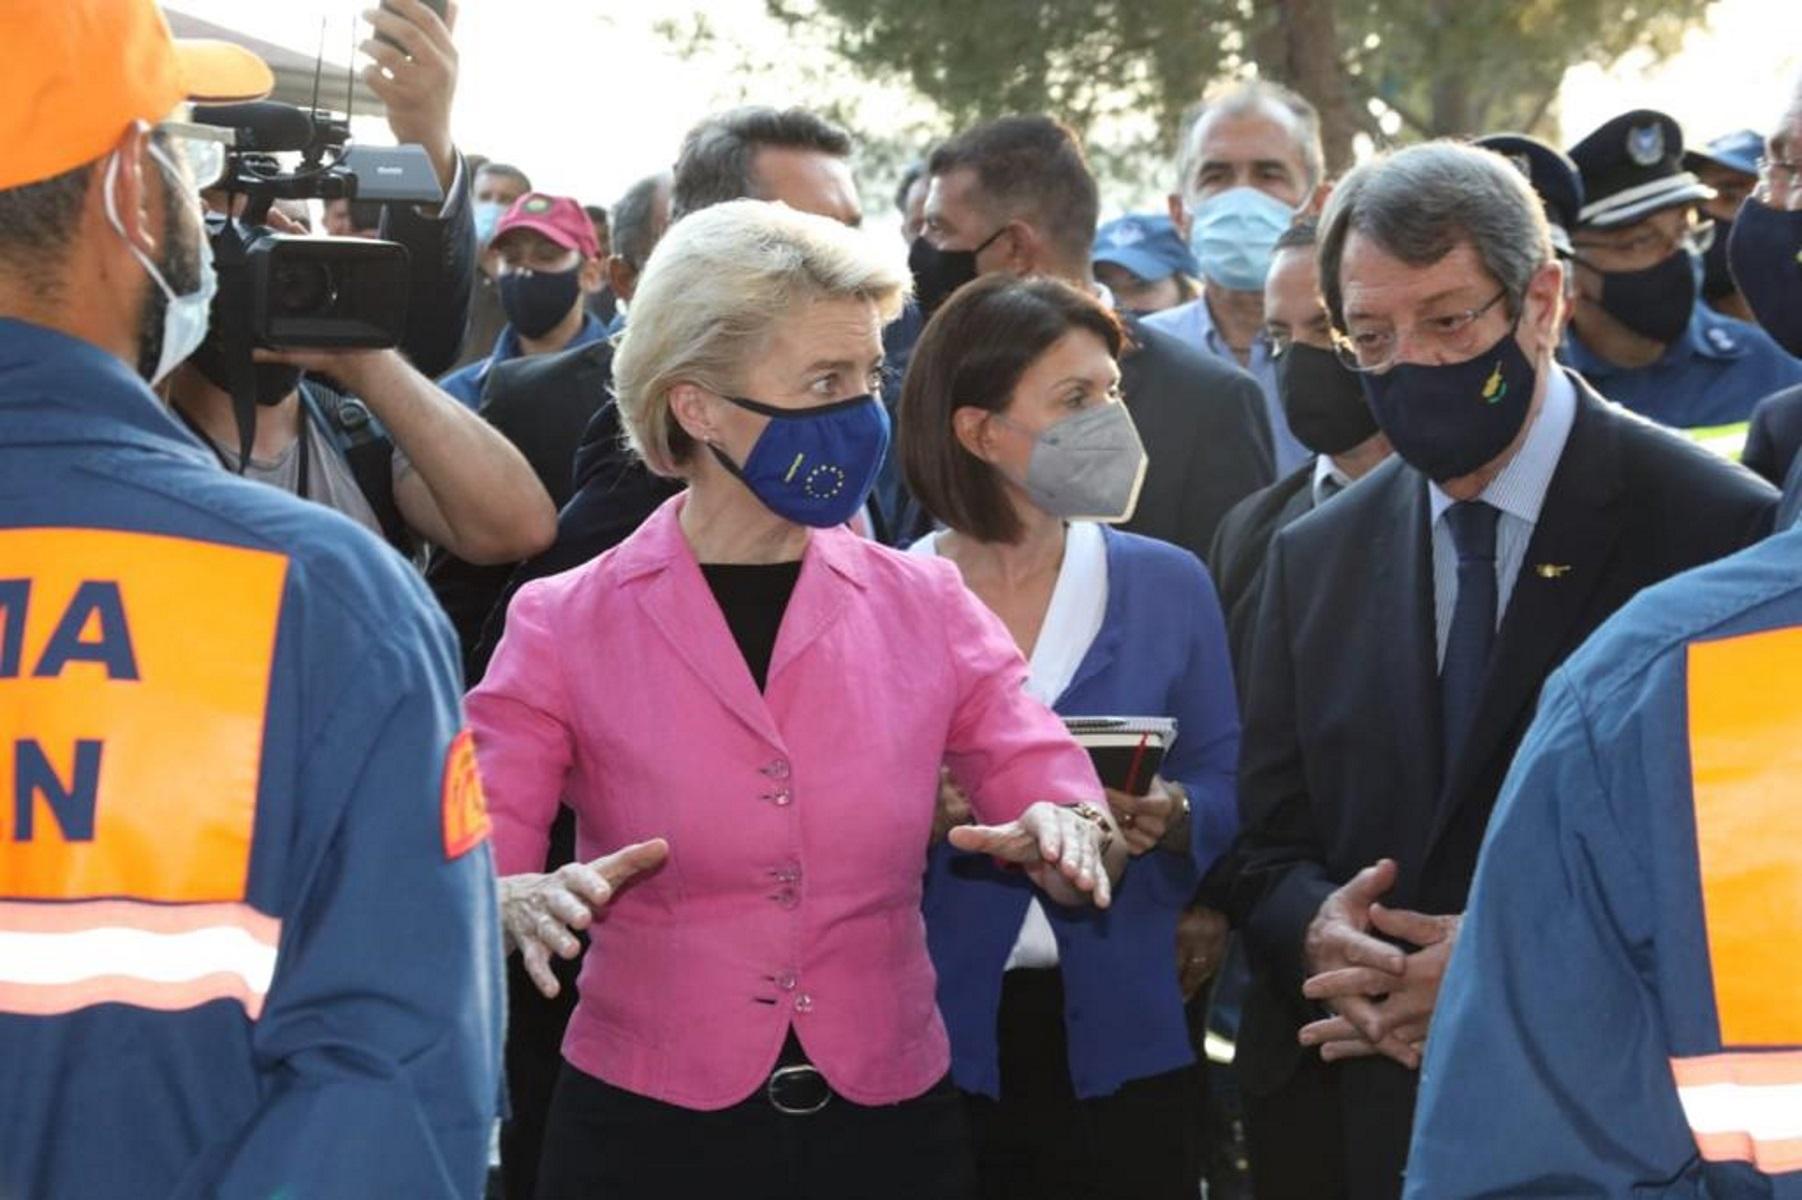 Στην Κύπρο η Ούρσουλα φον ντερ Λάιεν: «Η Ευρώπη θα σας δείξει αλληλεγγύη»